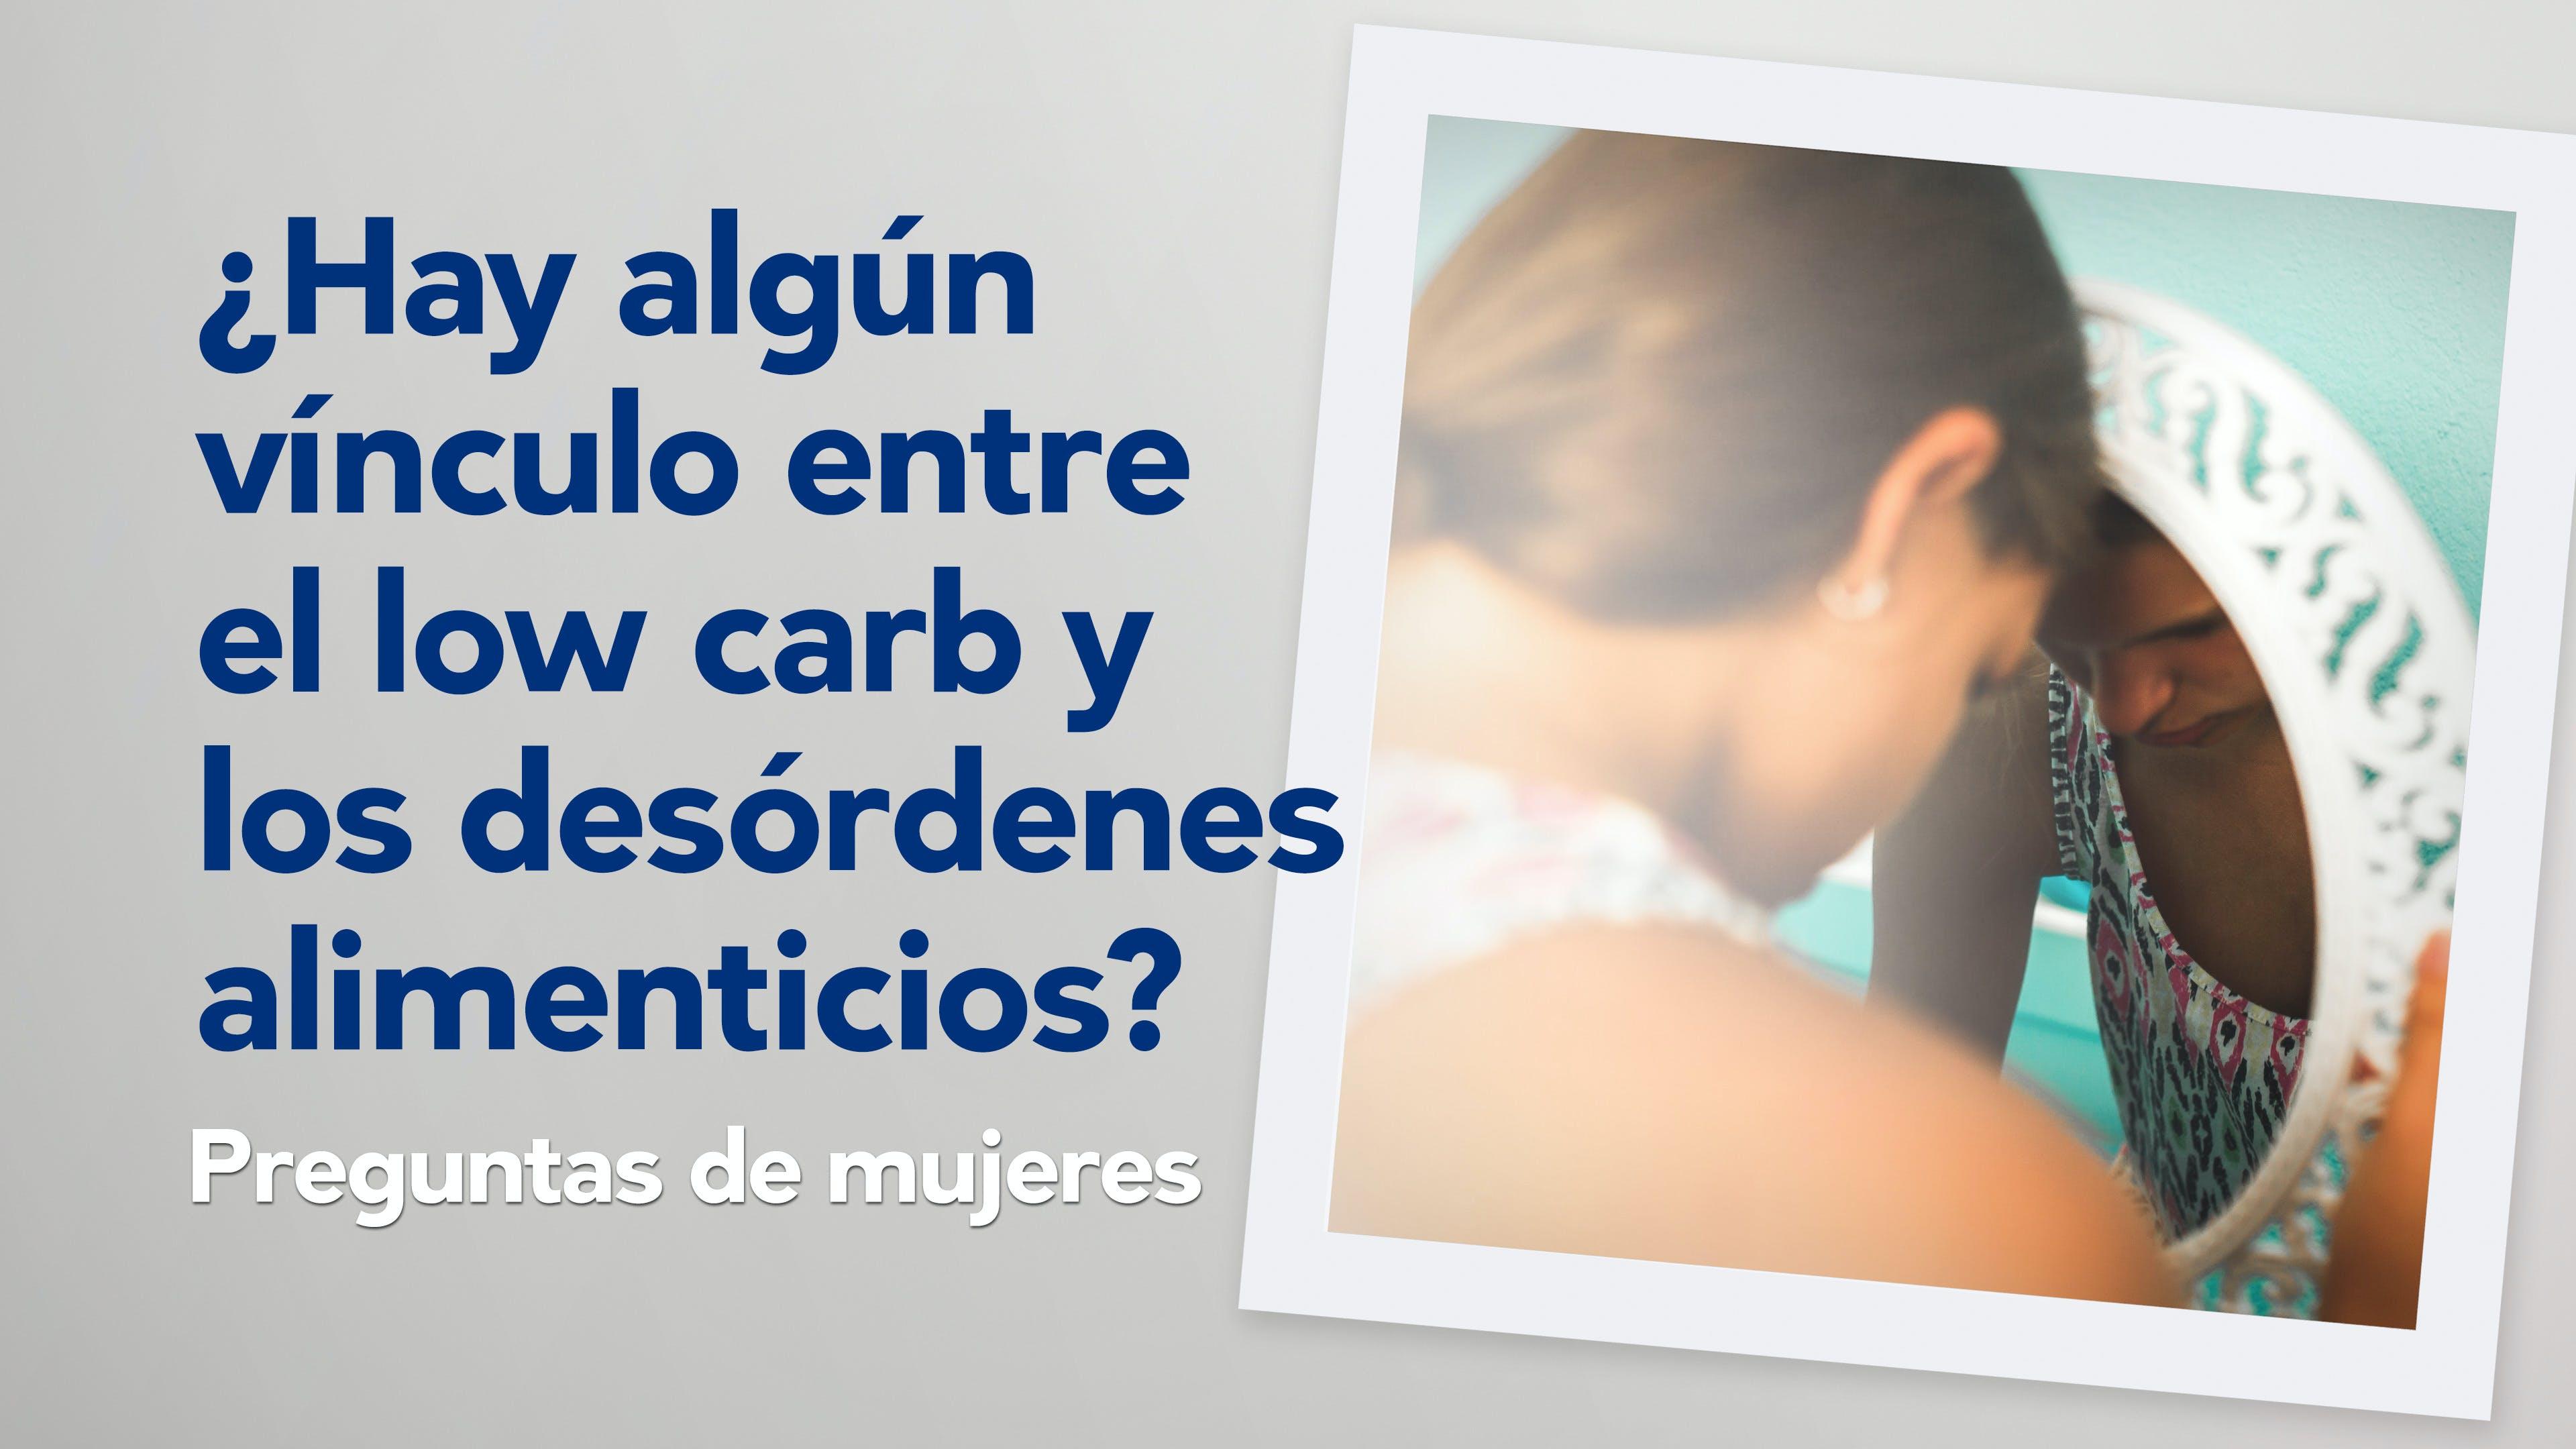 Preguntas de mujeres: ¿Hay algún vínculo entre el low carb y los desórdenes alimenticios?